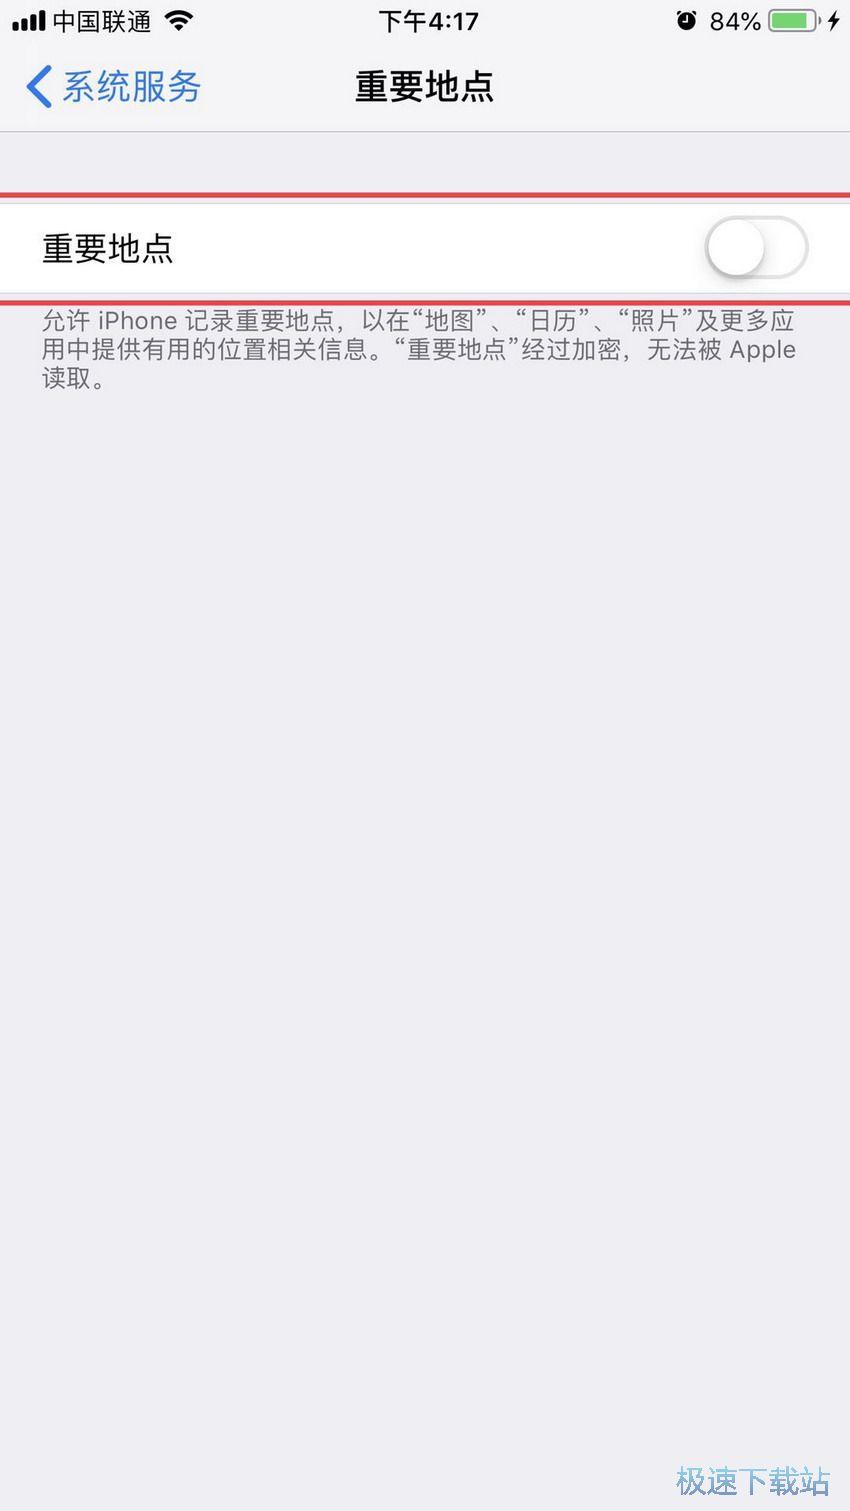 iPhone手机怎么设置才安全?保护隐私四大步骤 缩略图